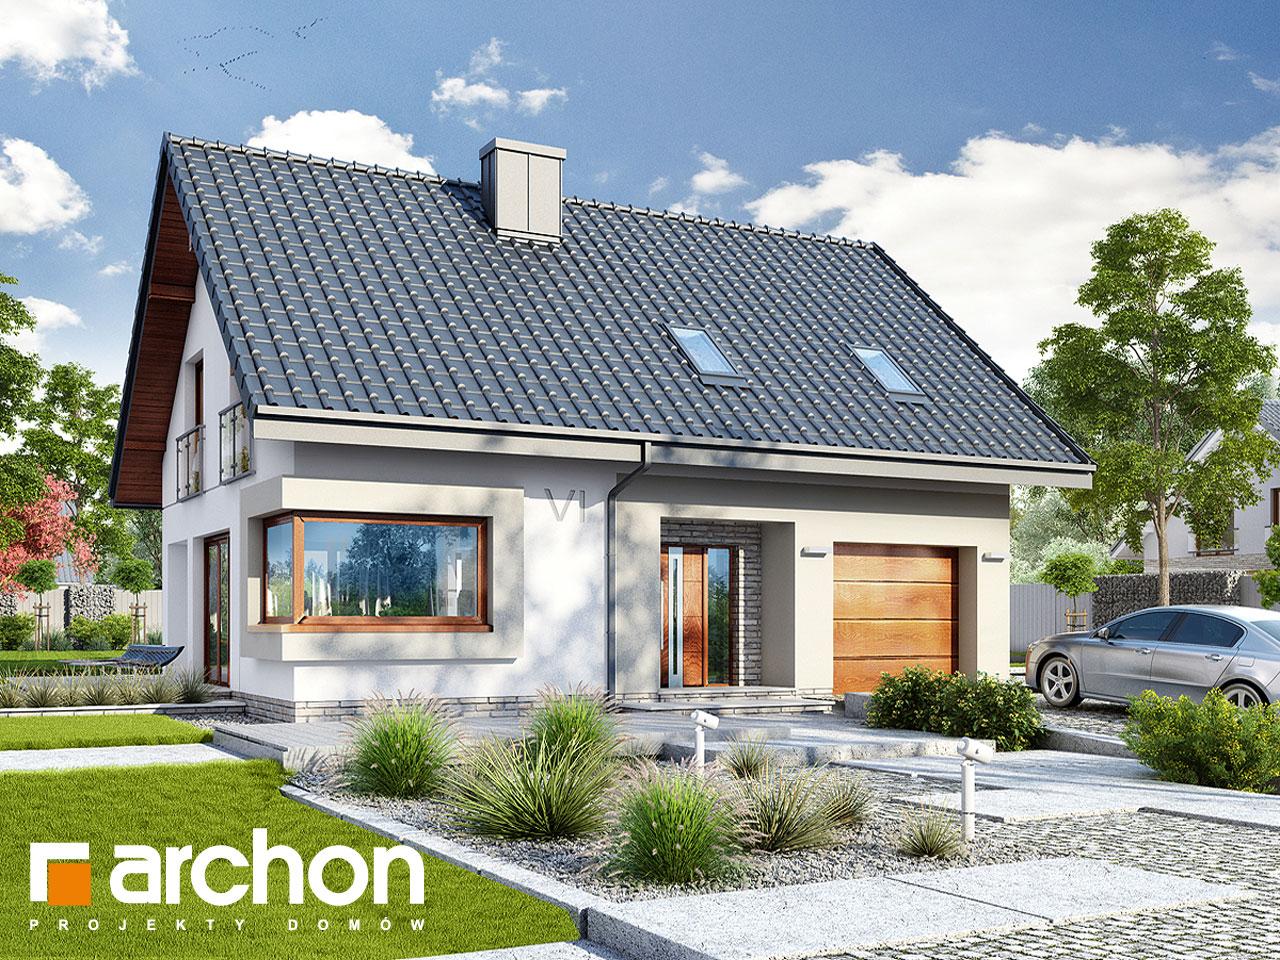 Проект дома ARCHON+ Дом в изопируме додаткова візуалізація